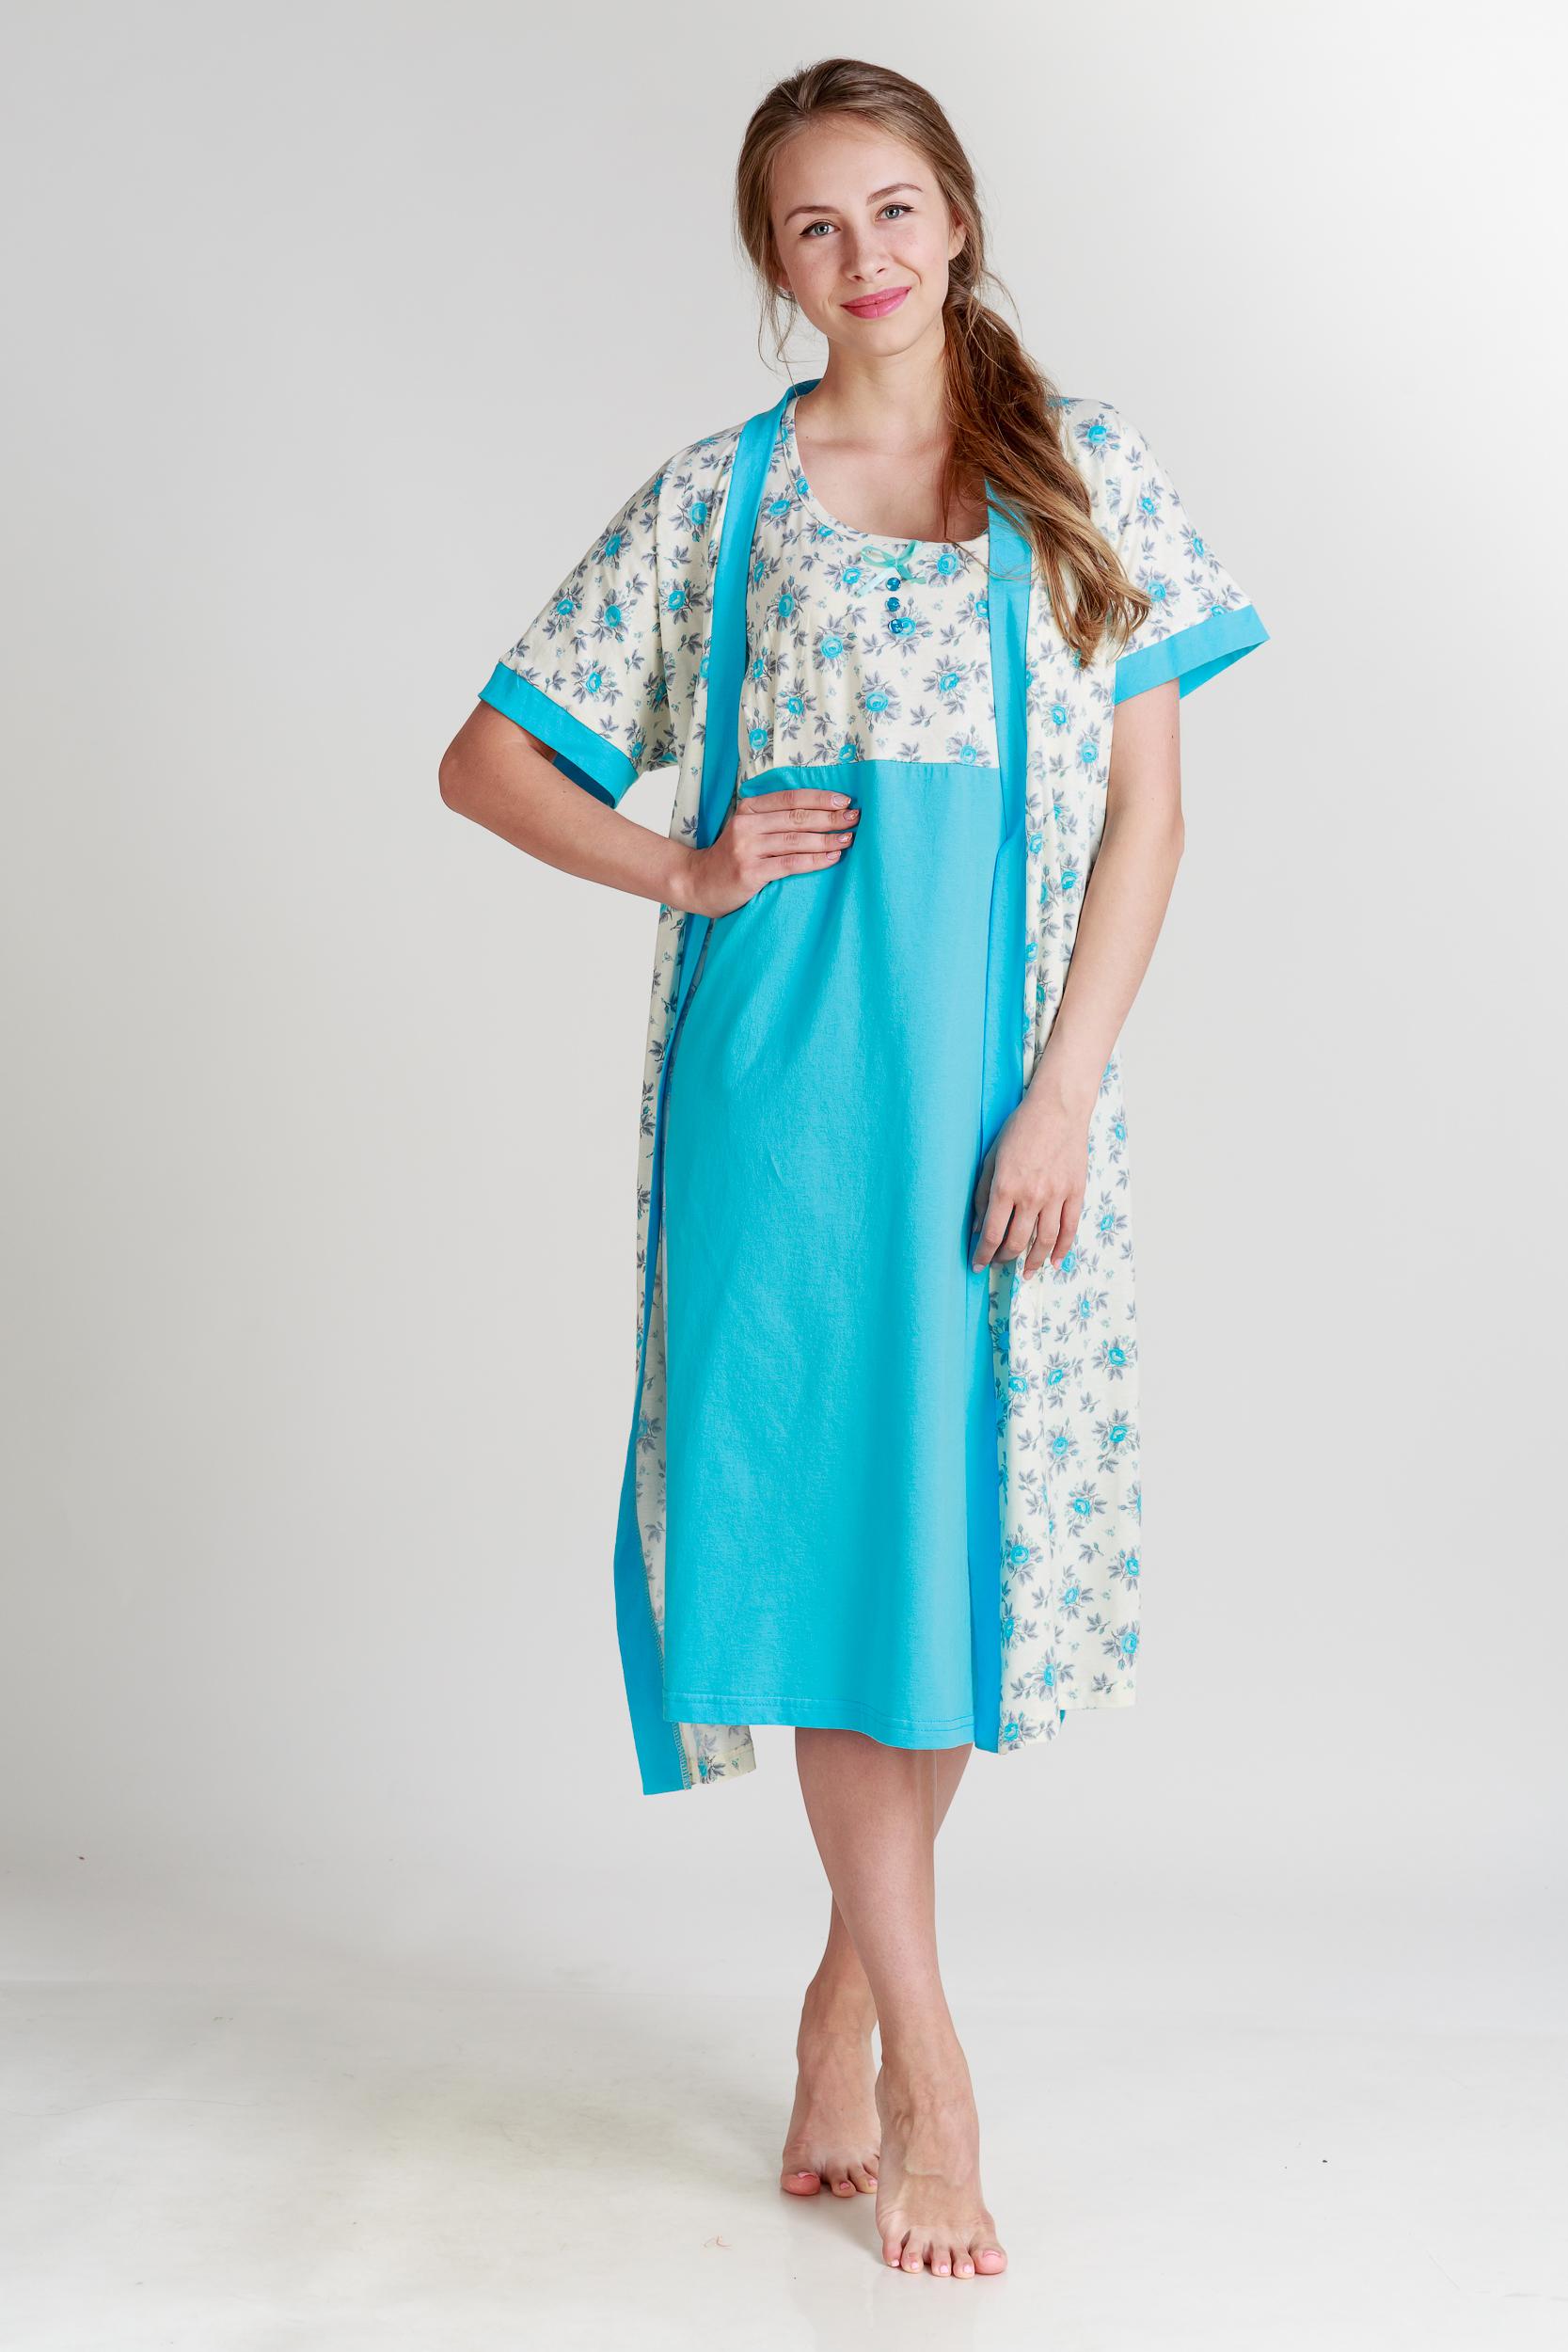 Домашние халаты Pastilla Халат и сорочка Ваниль Цвет: Голубой (L-xL) халаты домашние лори халат